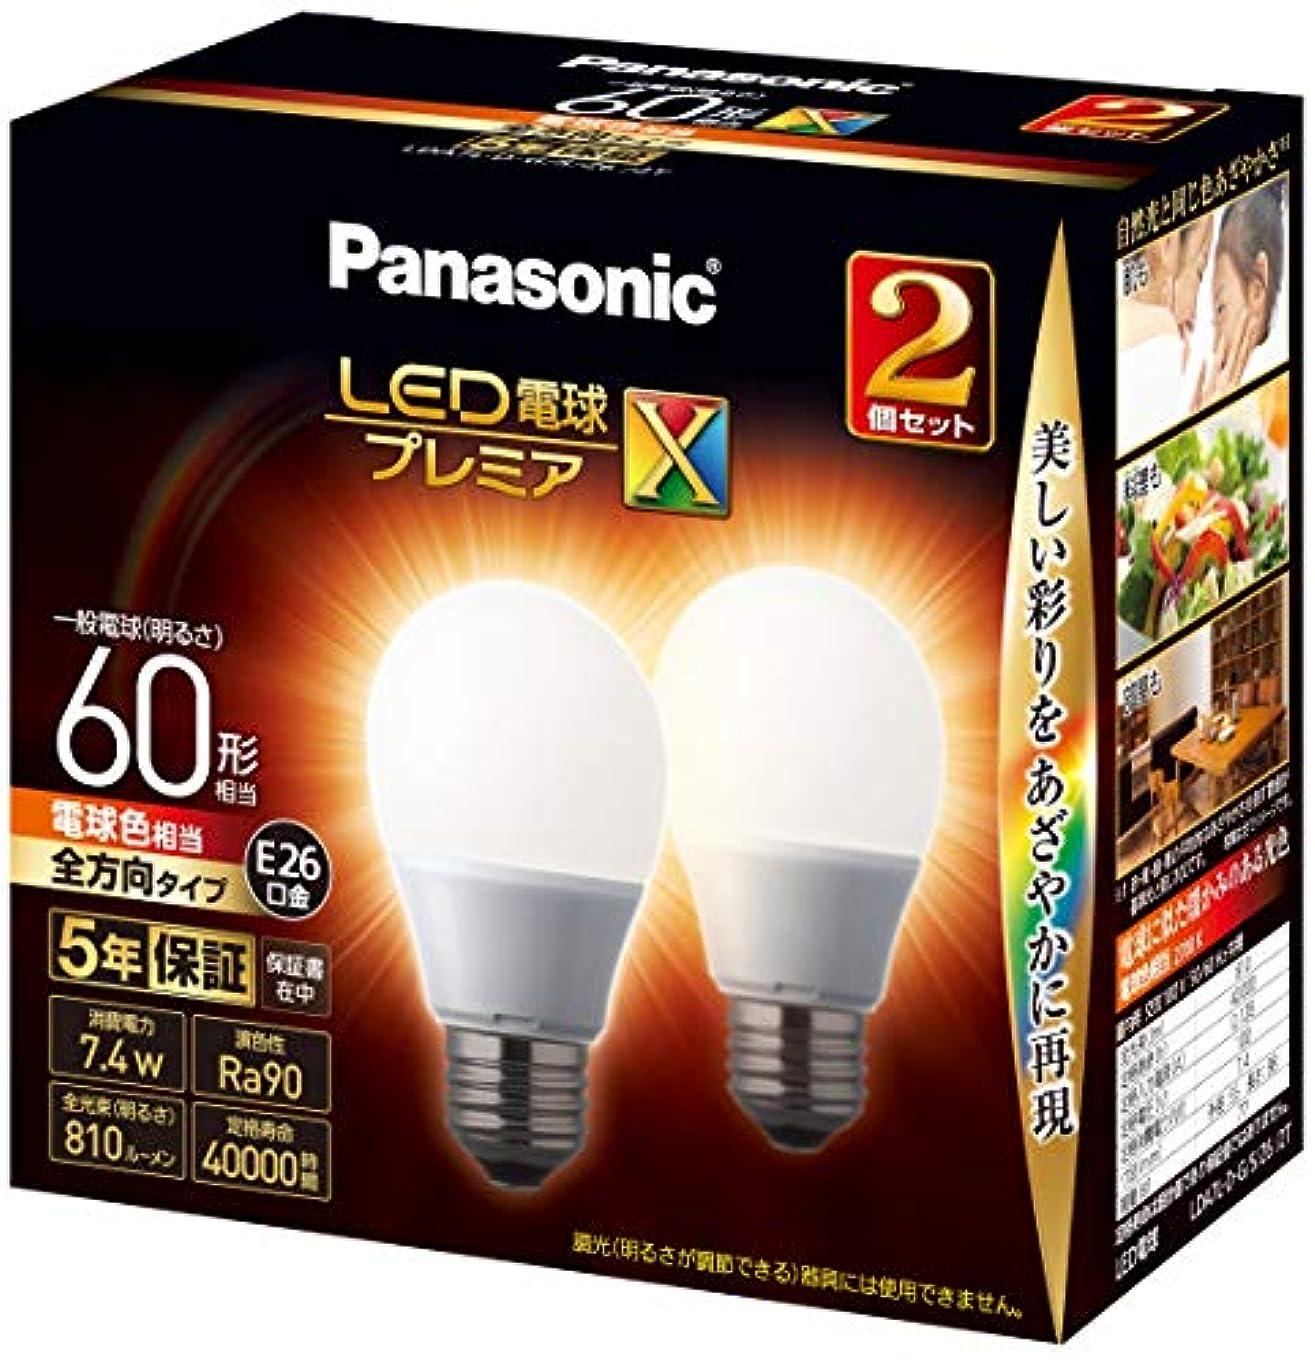 忠実にアドバイスベールパナソニック LED電球 口金直径26mm プレミアX 電球60形相当 電球色相当(7.4W) 一般電球 全方向タイプ 2個入り 密閉器具対応 LDA7LDGSZ62TAN